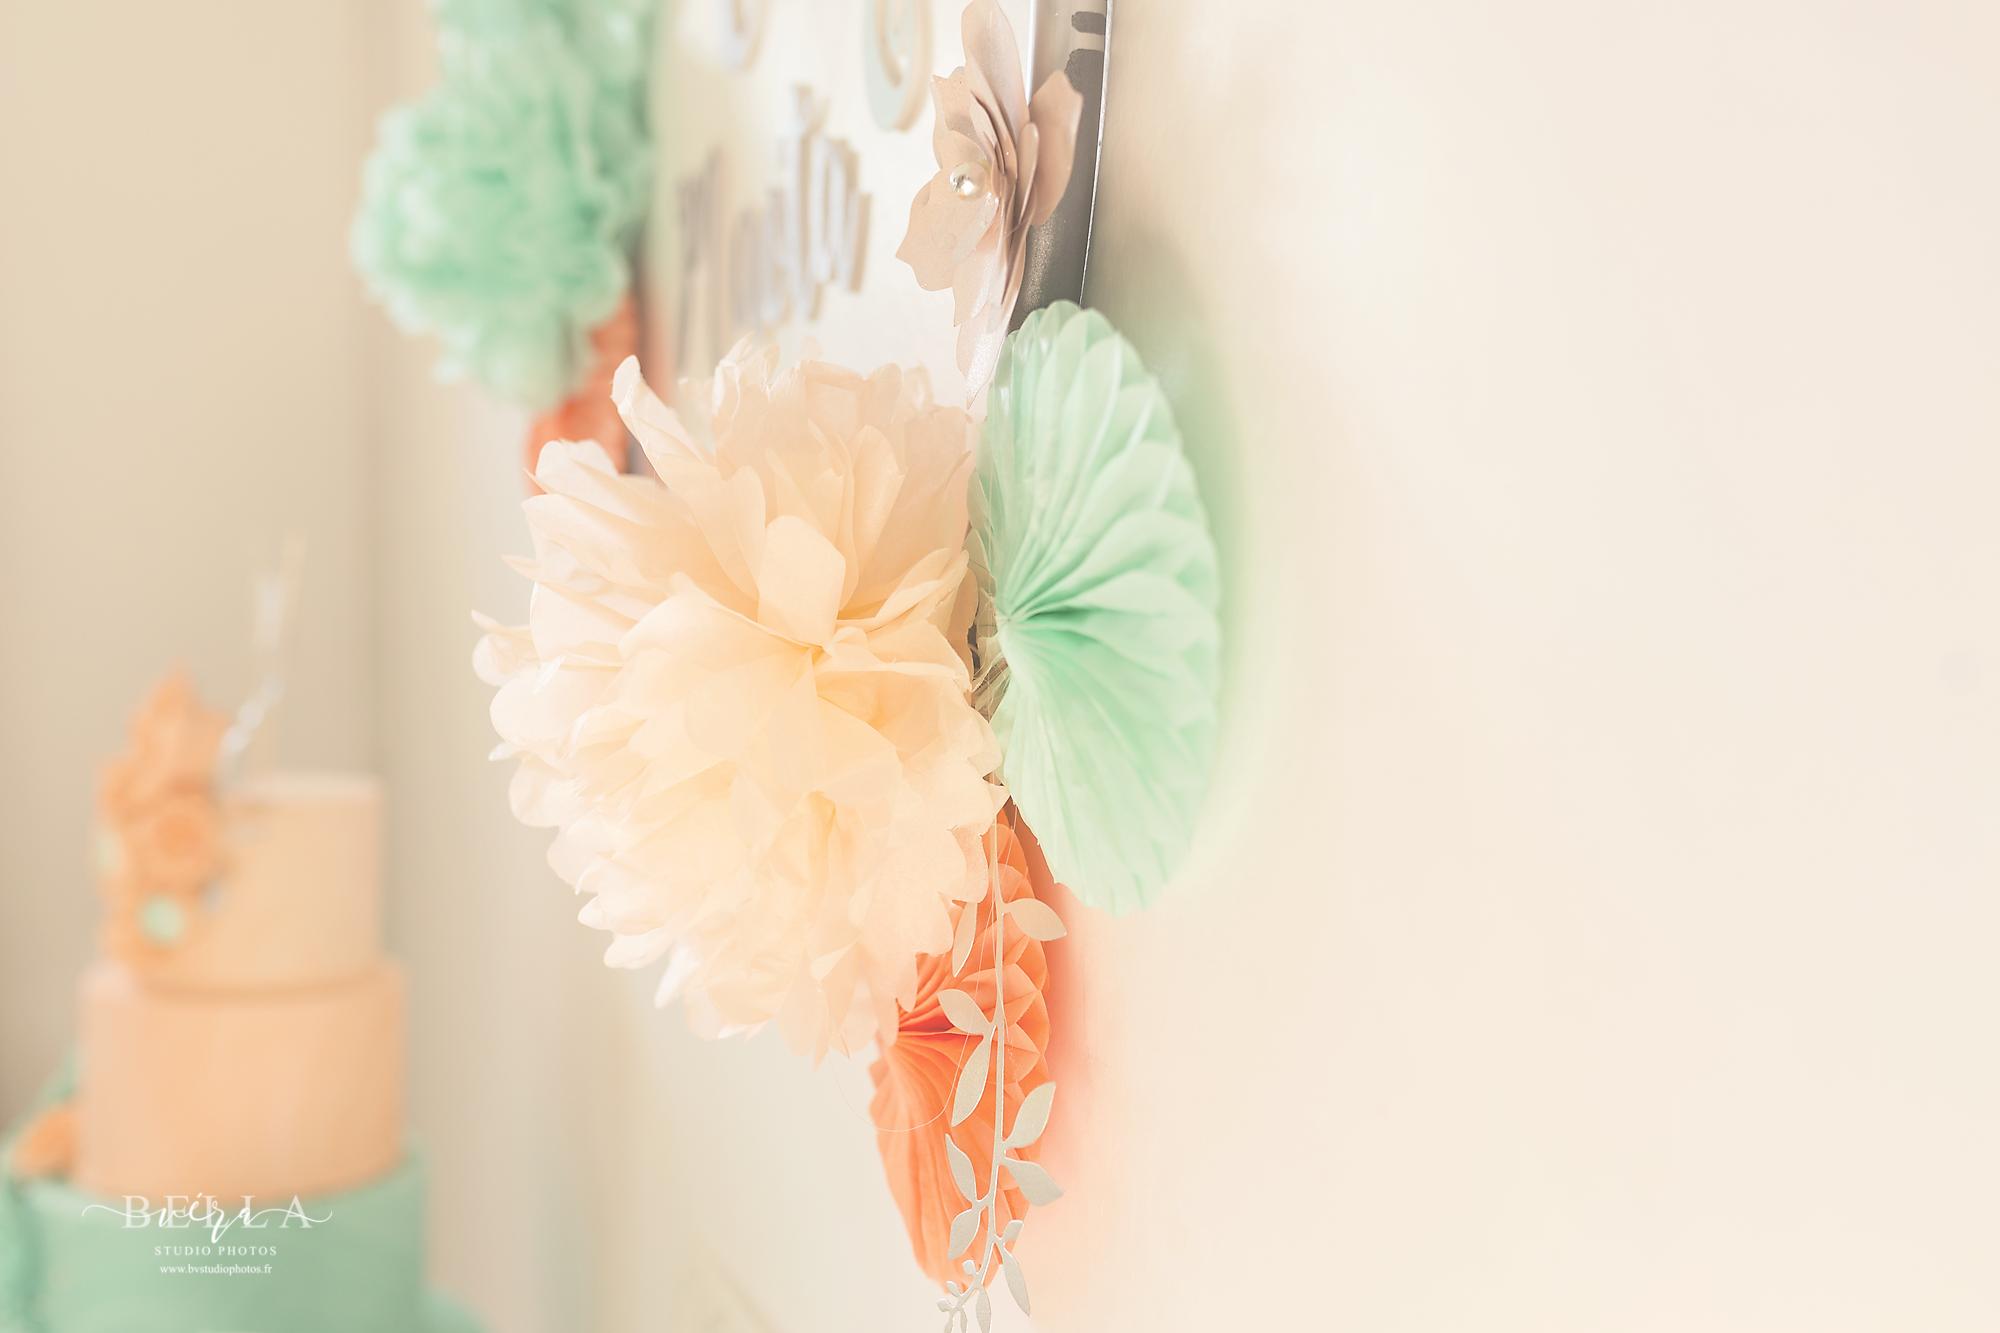 Fil De Peche Rose décoration de baptême vert mint et orange pêche